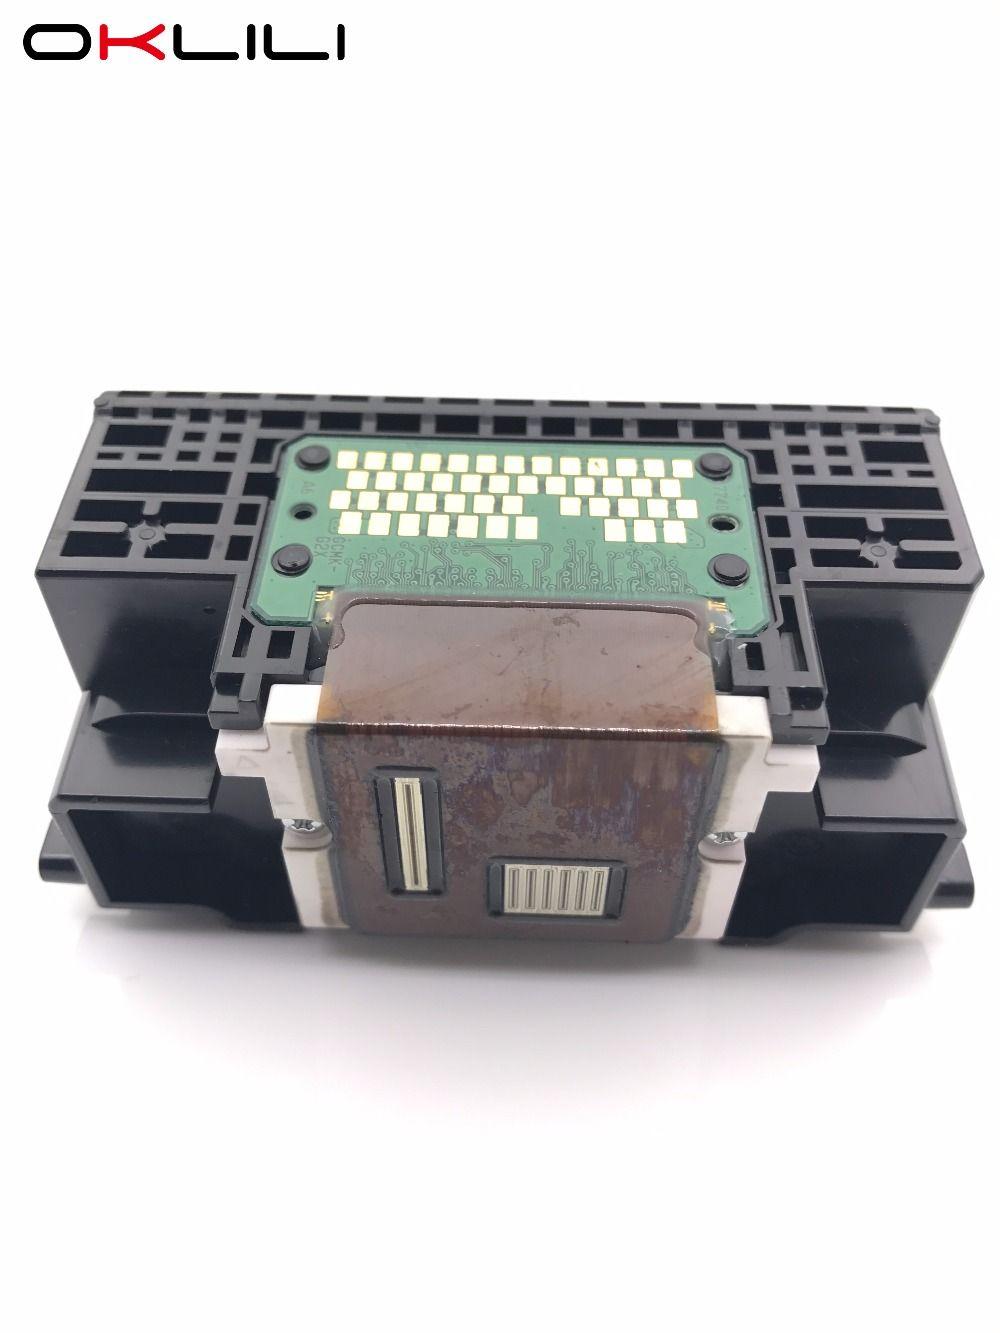 OKLILI QY6-0073 Printhead Print Head for Canon iP3600 iP3680 MP540 MP560 MP568 MP620 MX860 MX868 MX870 MX878 MG5140 MG5180